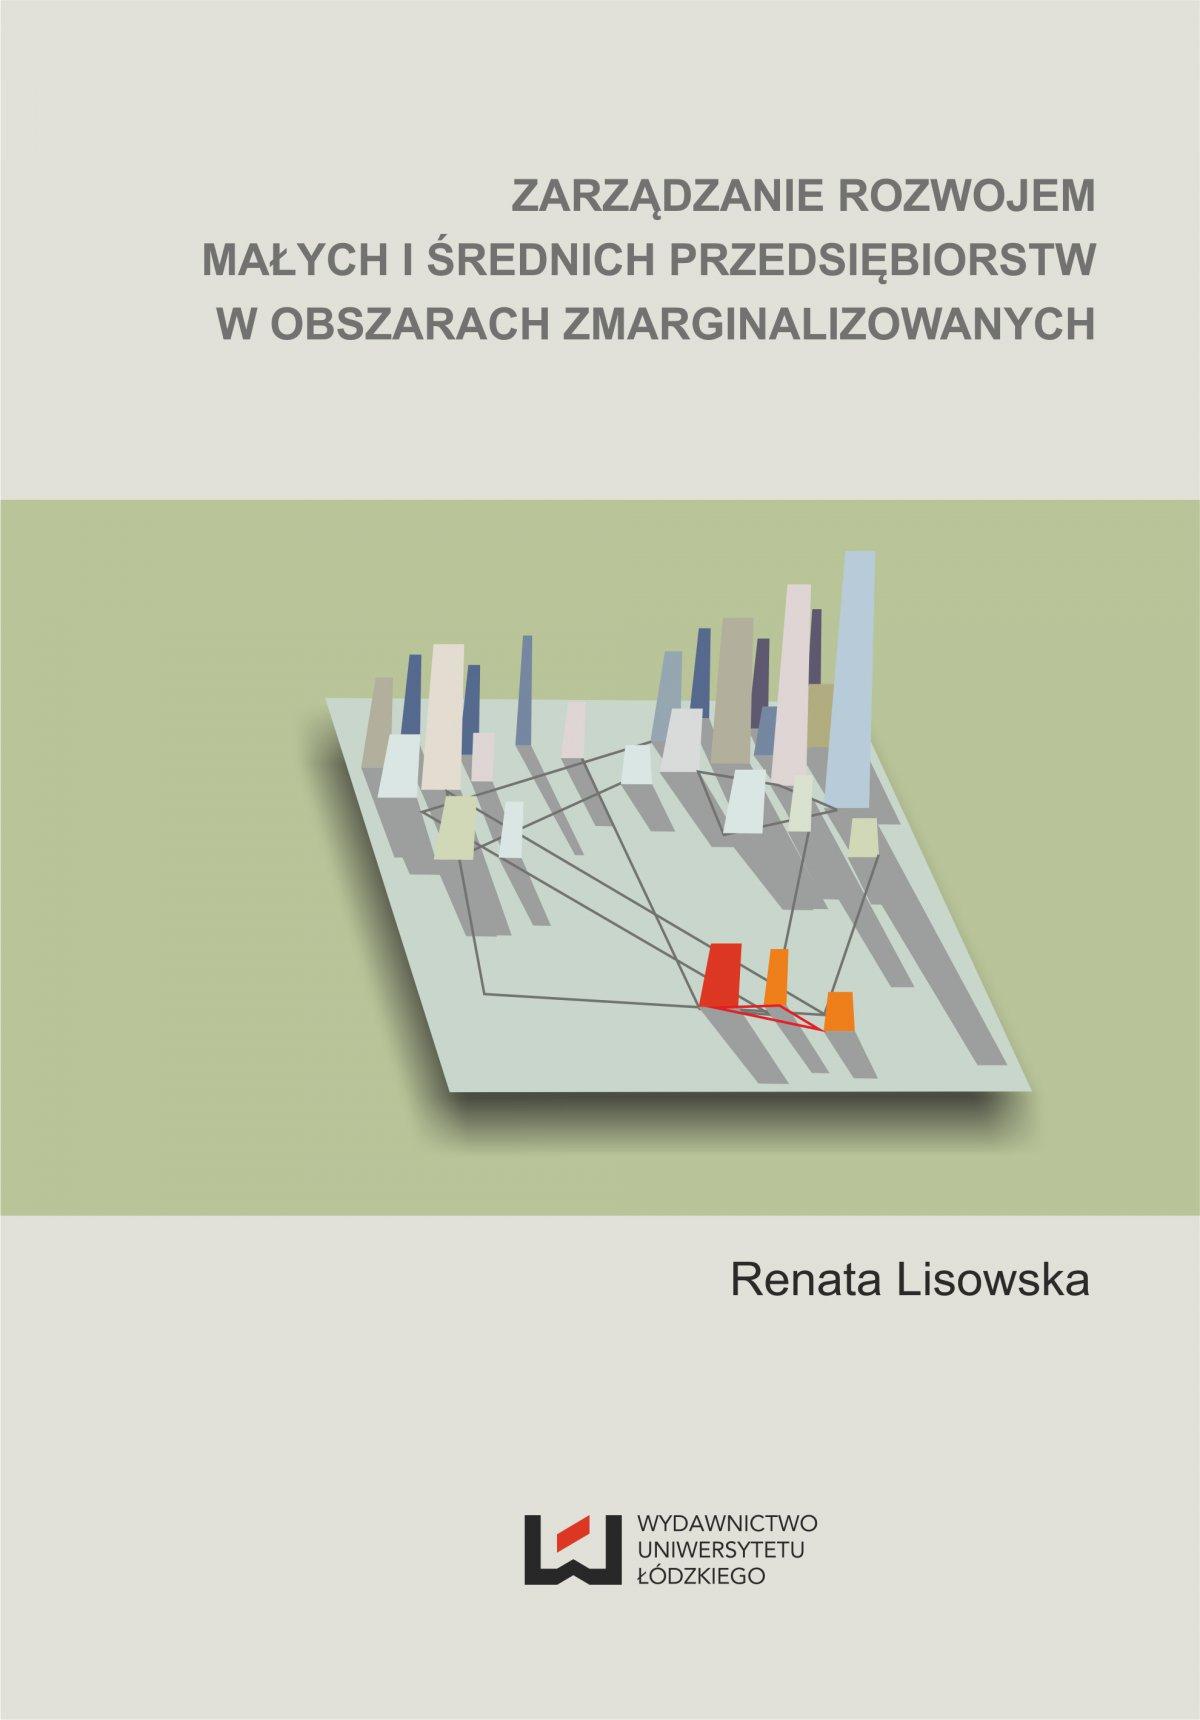 Zarządzanie rozwojem małych i średnich przedsiębiorstw w obszarach zmarginalizowanych - Ebook (Książka PDF) do pobrania w formacie PDF